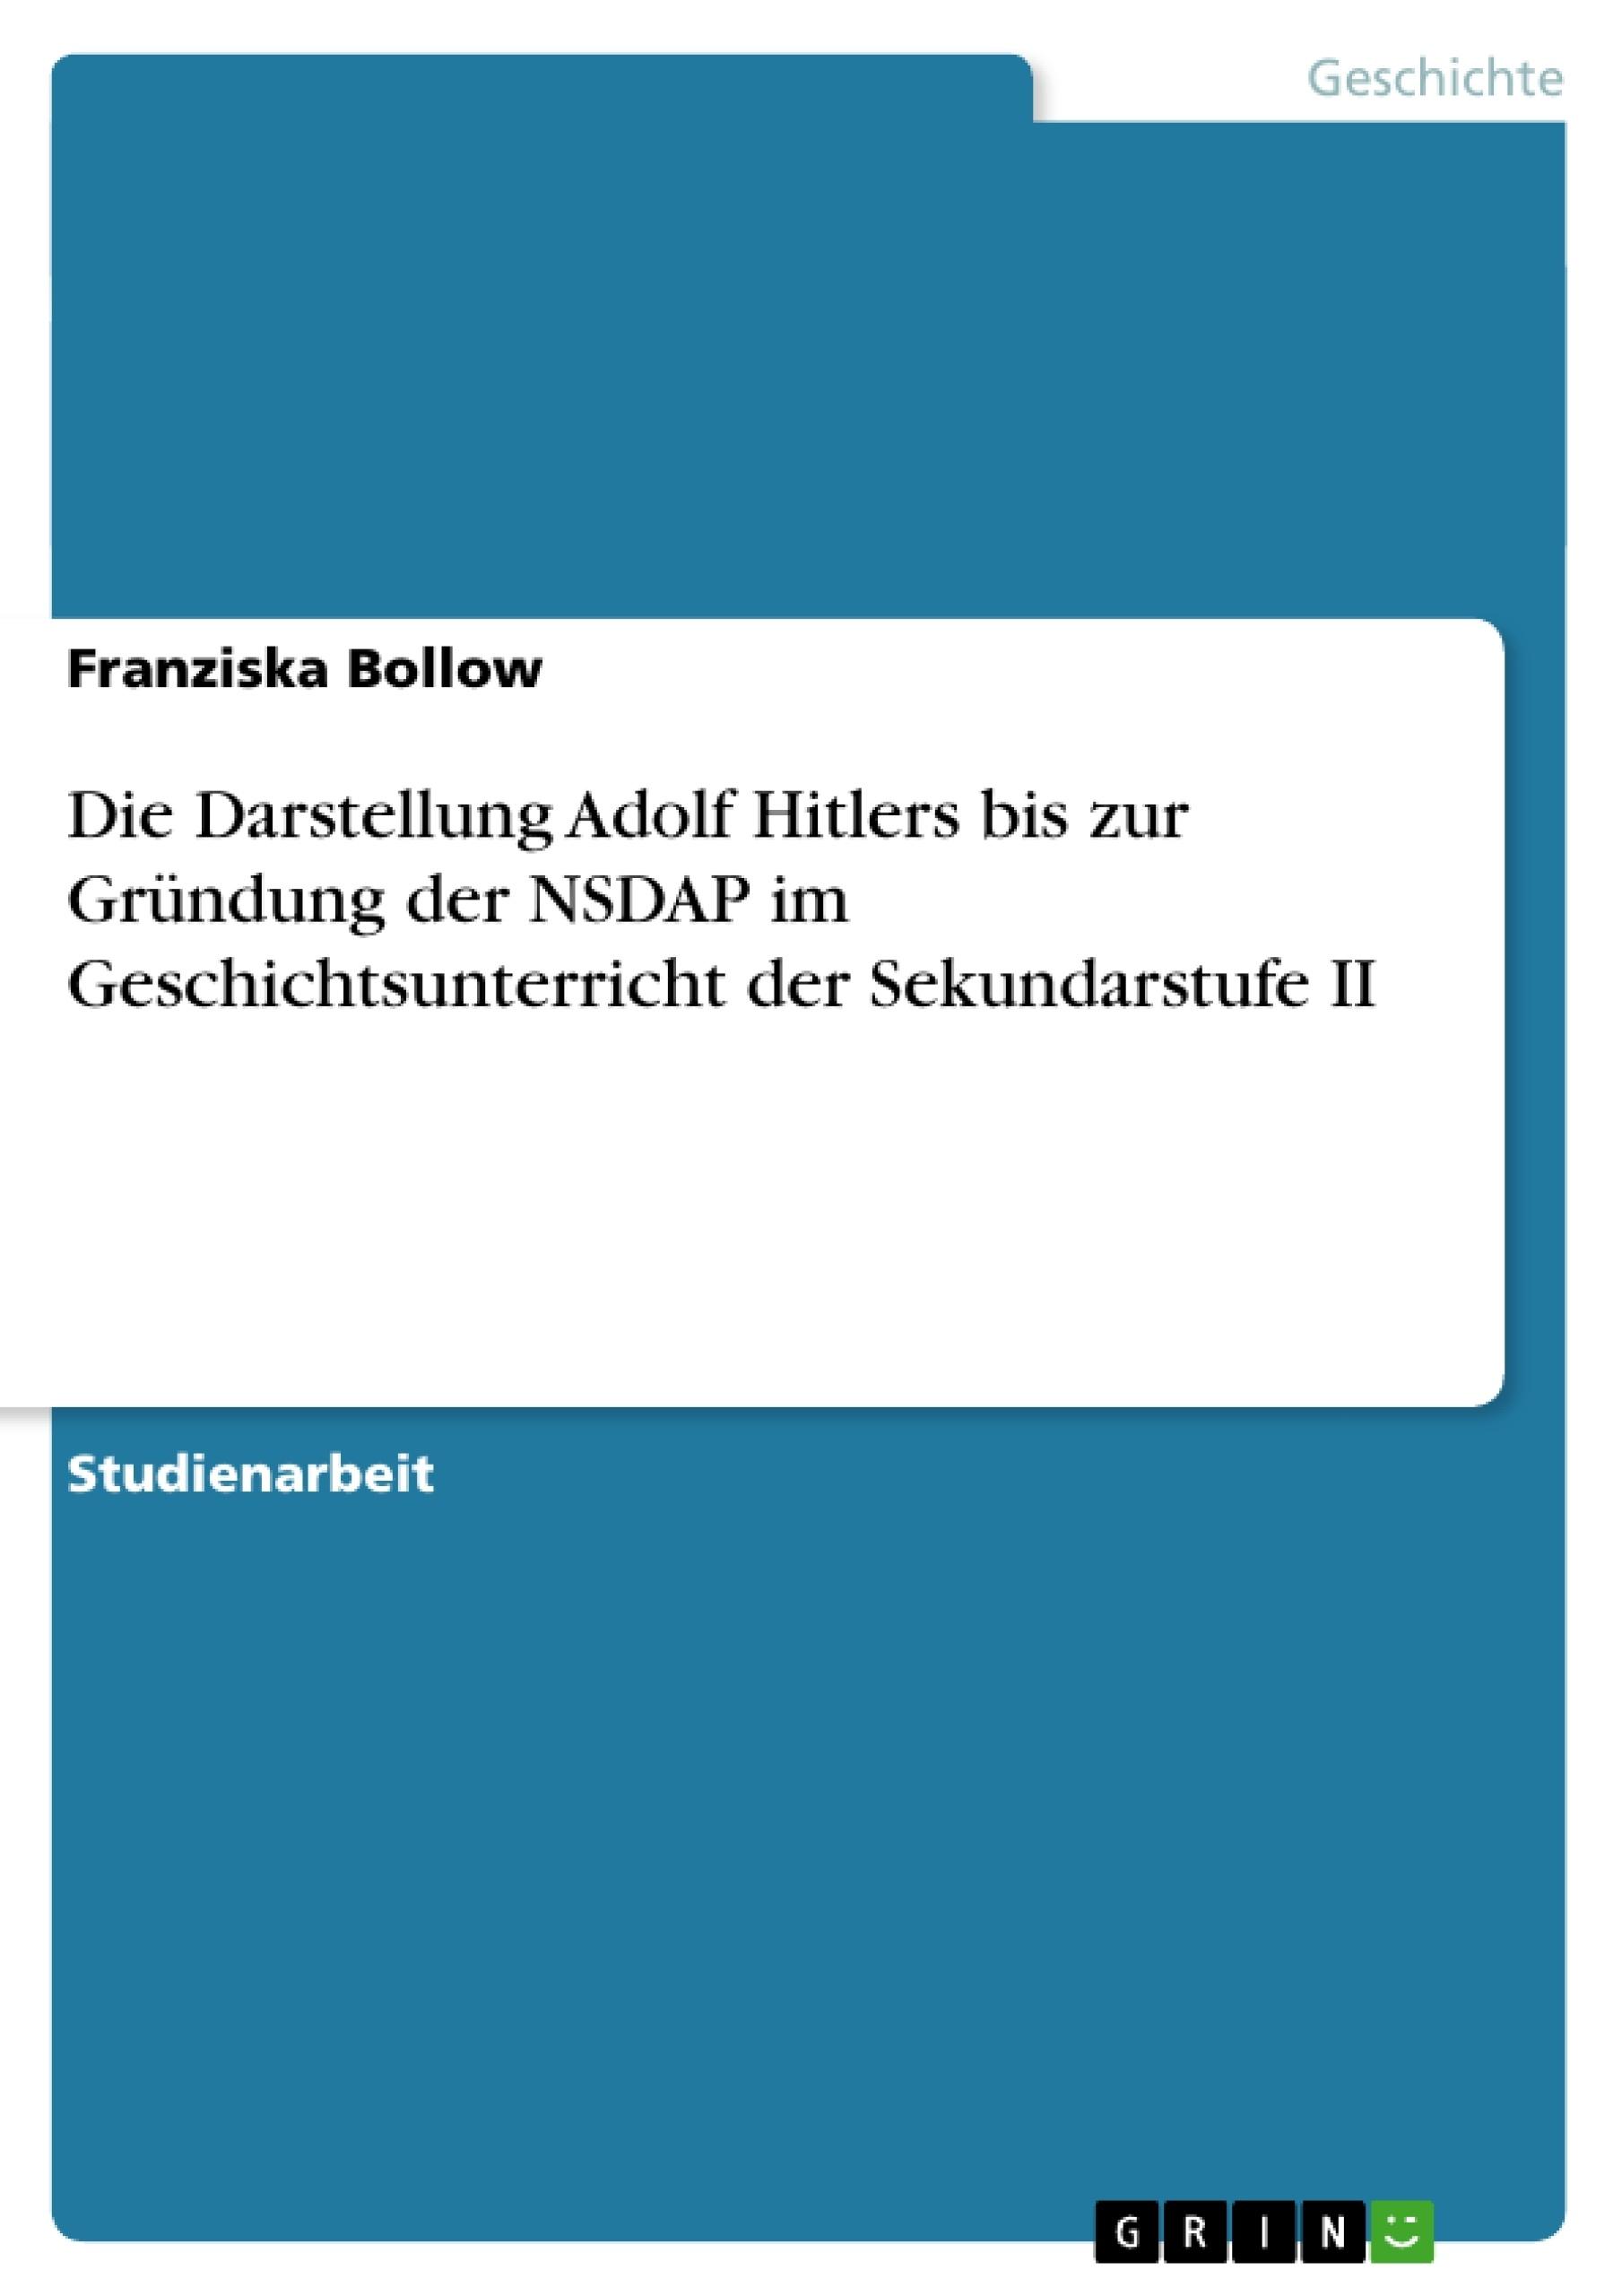 Titel: Die Darstellung Adolf Hitlers bis zur Gründung der NSDAP im Geschichtsunterricht der Sekundarstufe II